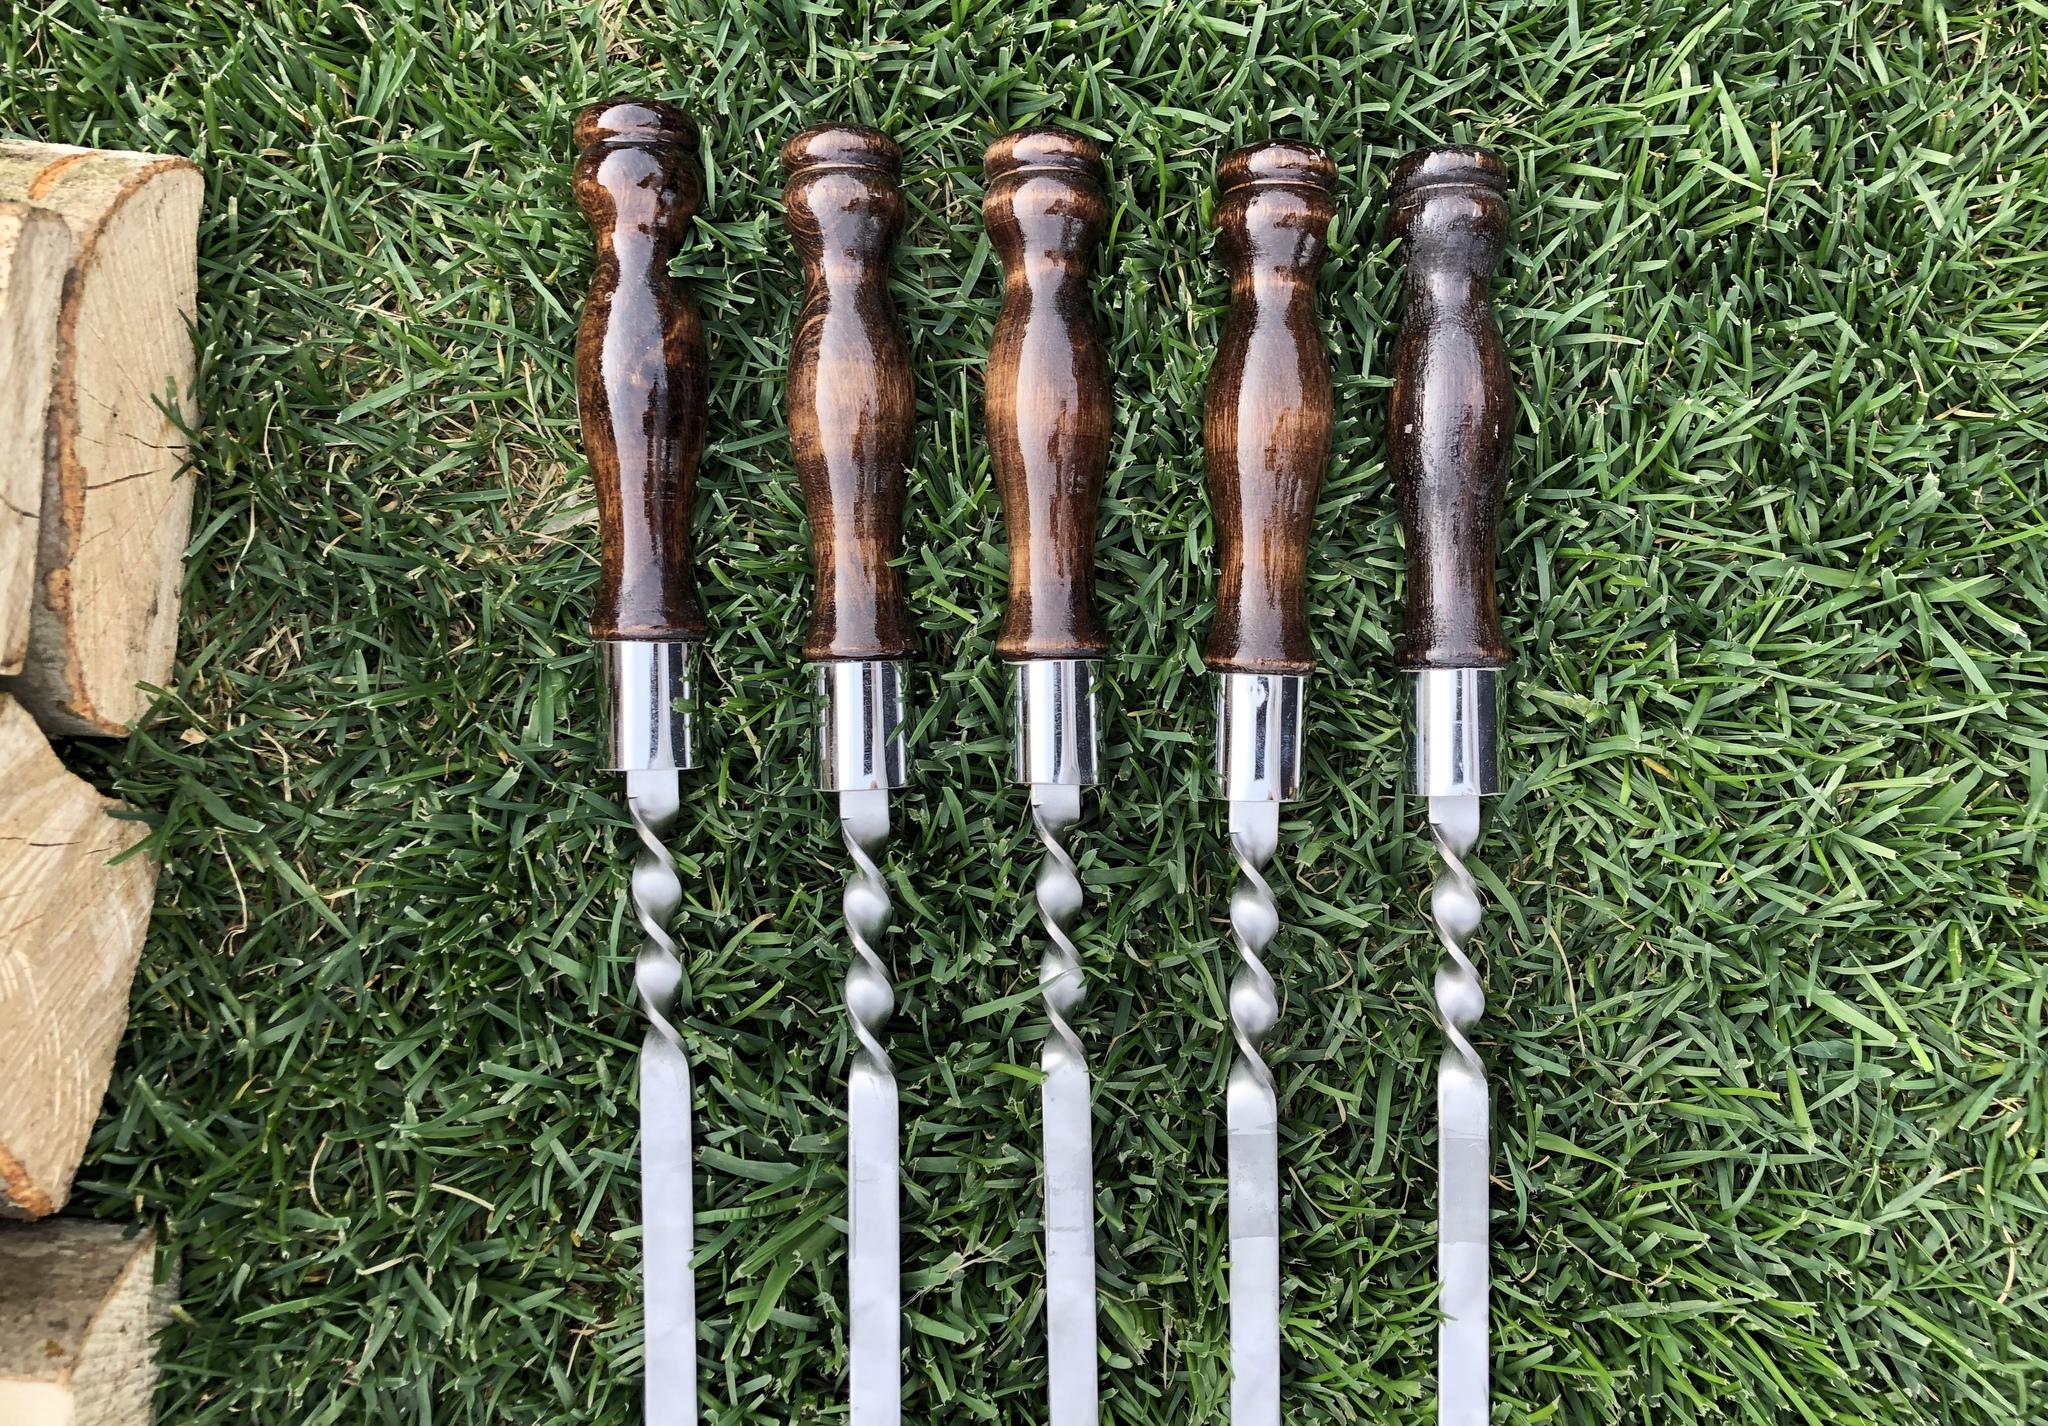 Шампуры из нержавейки Шампур с деревянной ручкой 3мм (ширина 12мм) №6 IMG_3766.JPG